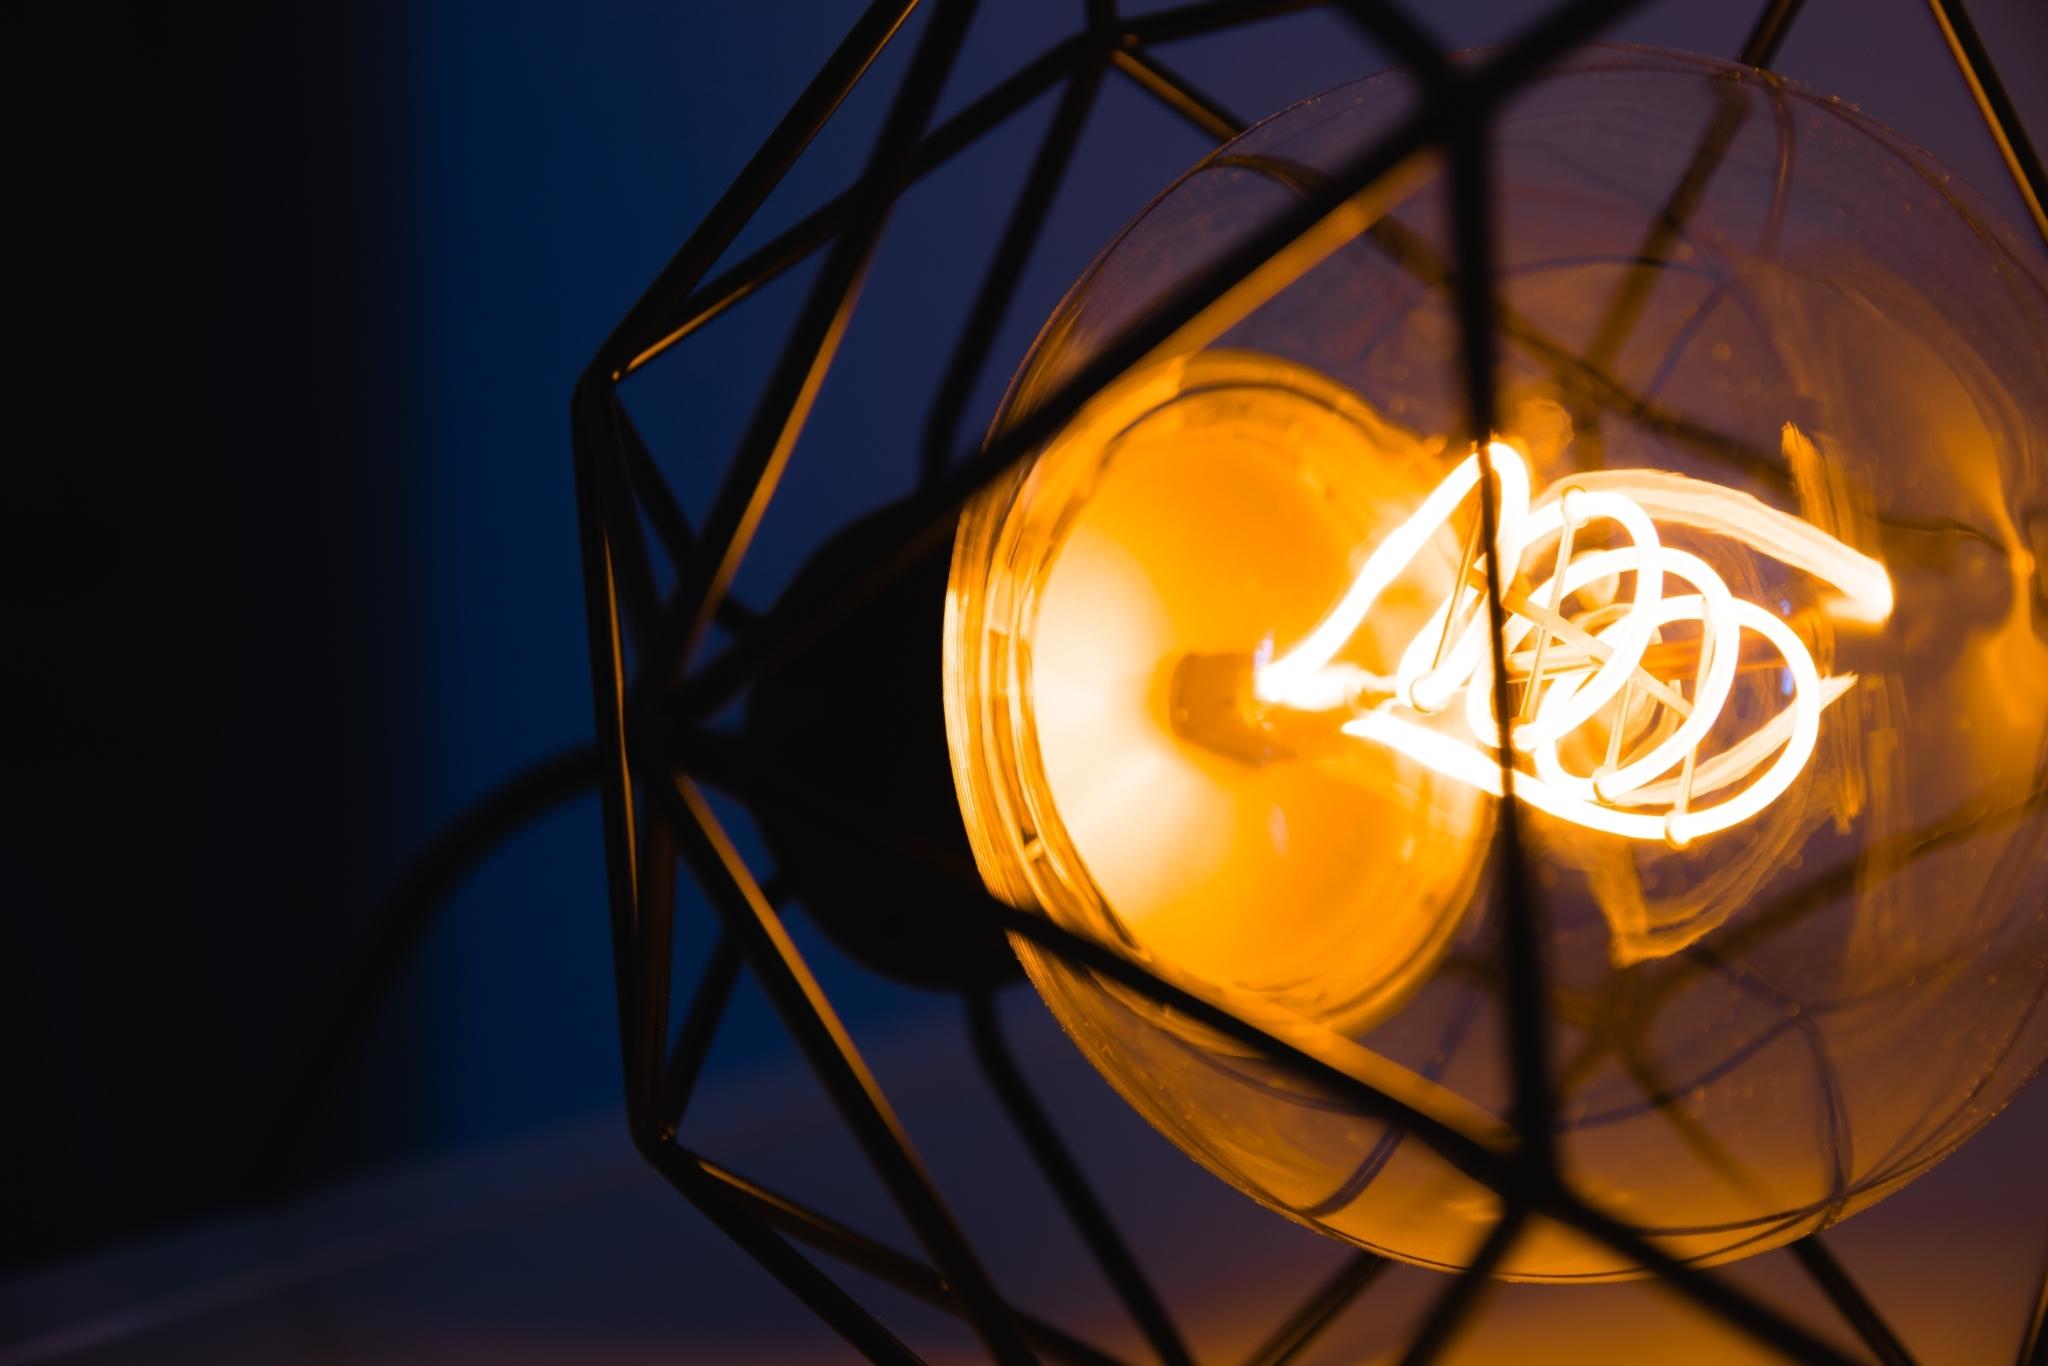 Metal geometric pendant lamp